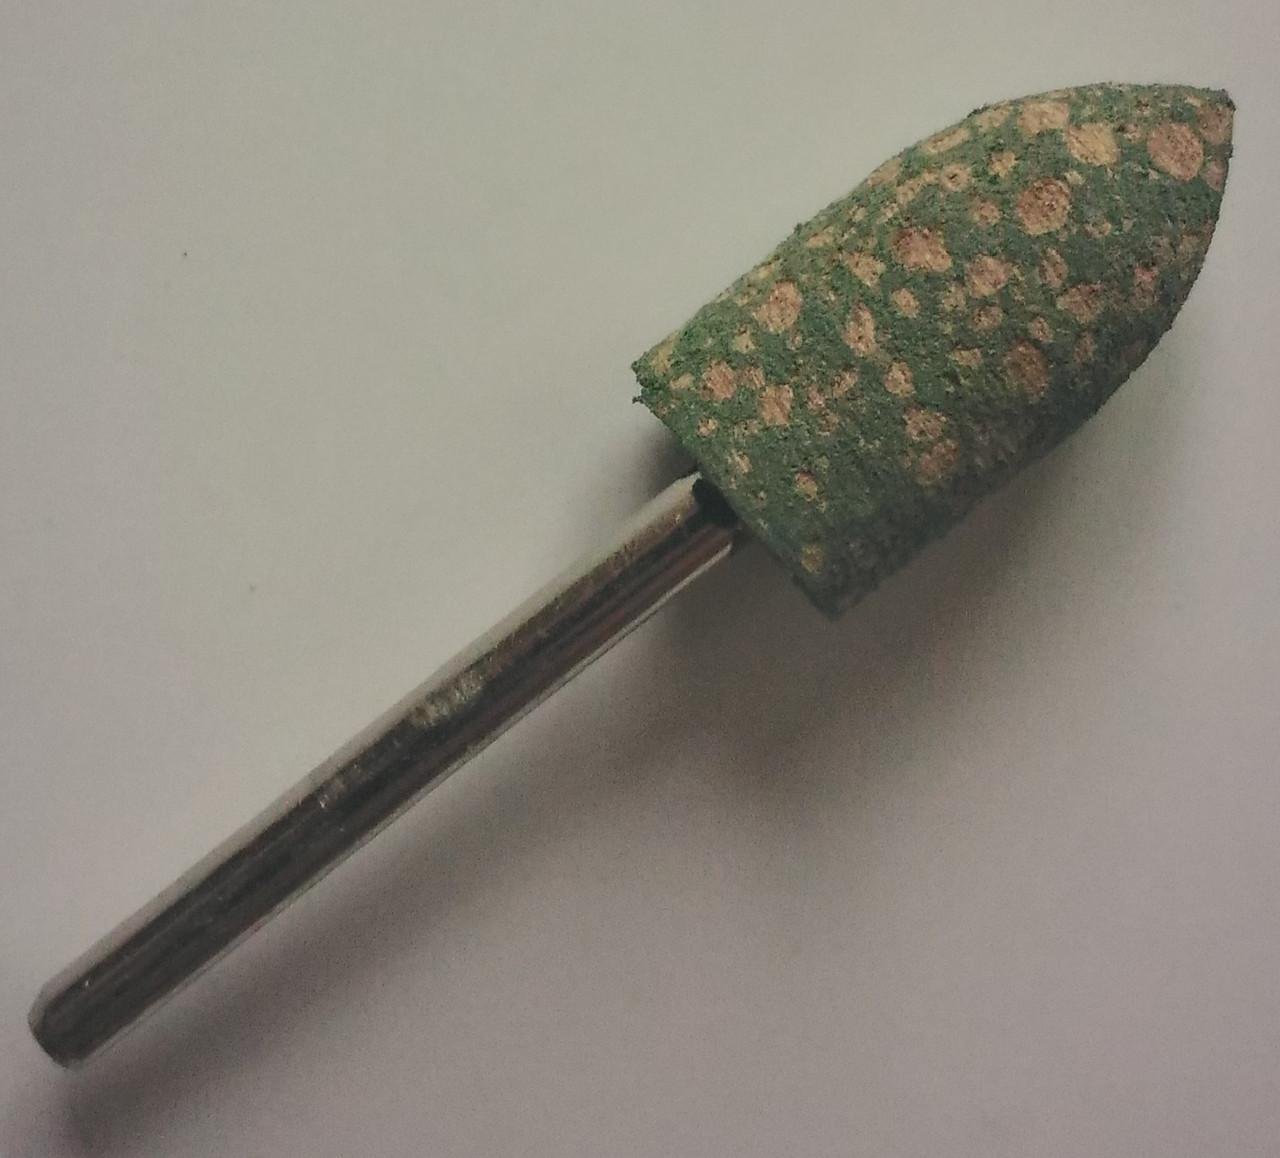 Шлифовальная насадка - пуля 10 мм, Материал - резина с абразивом. Абразивная шарошка